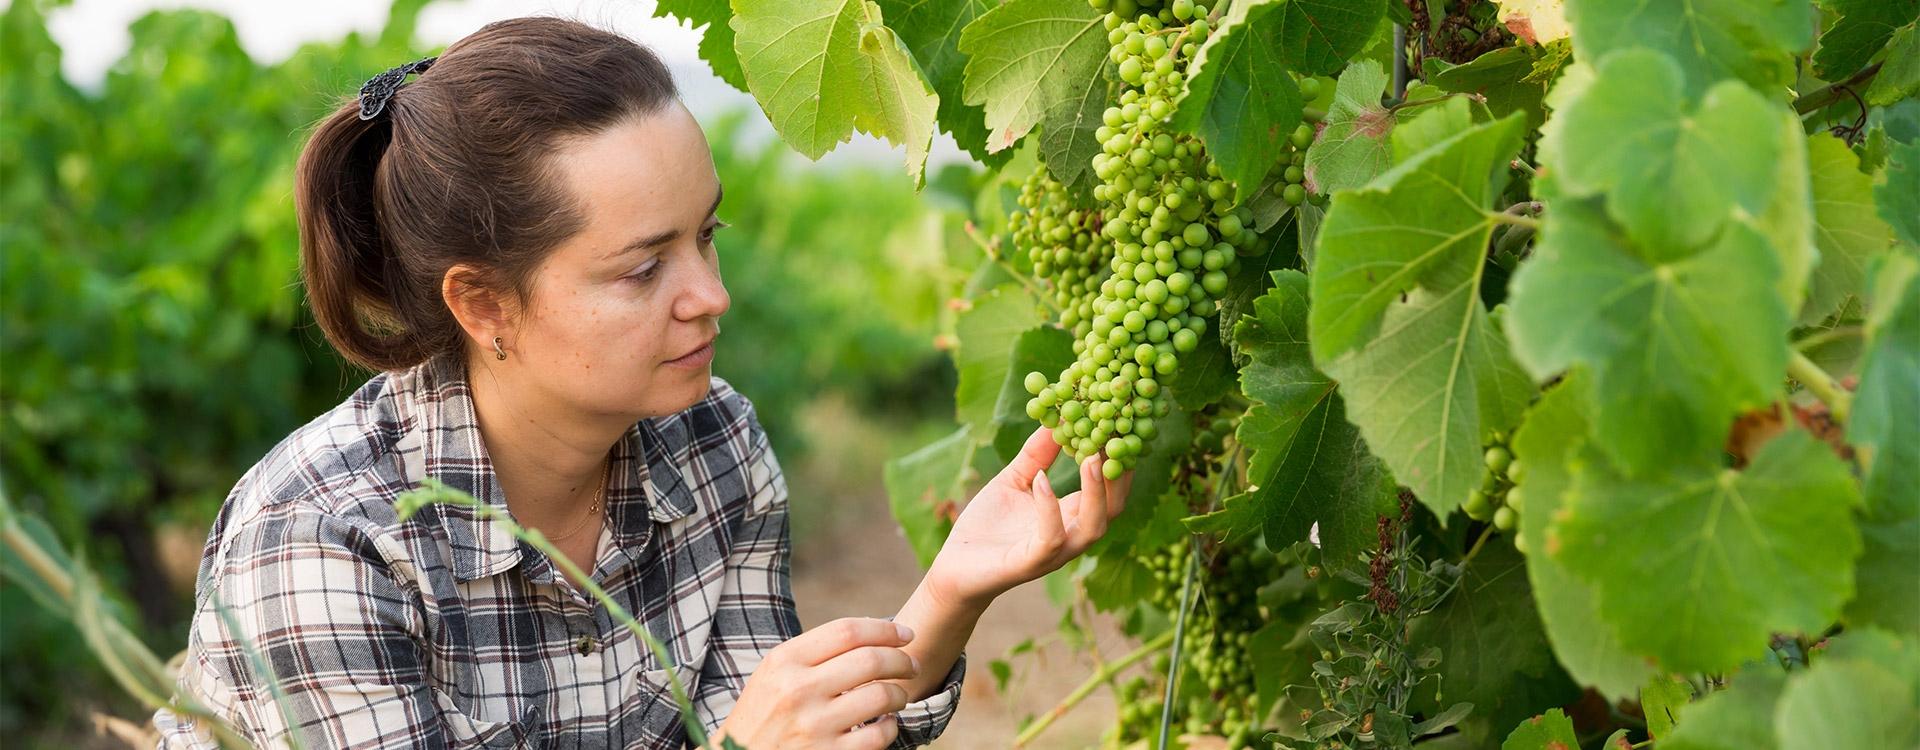 Les femmes dans le monde viticole (C1-C2)